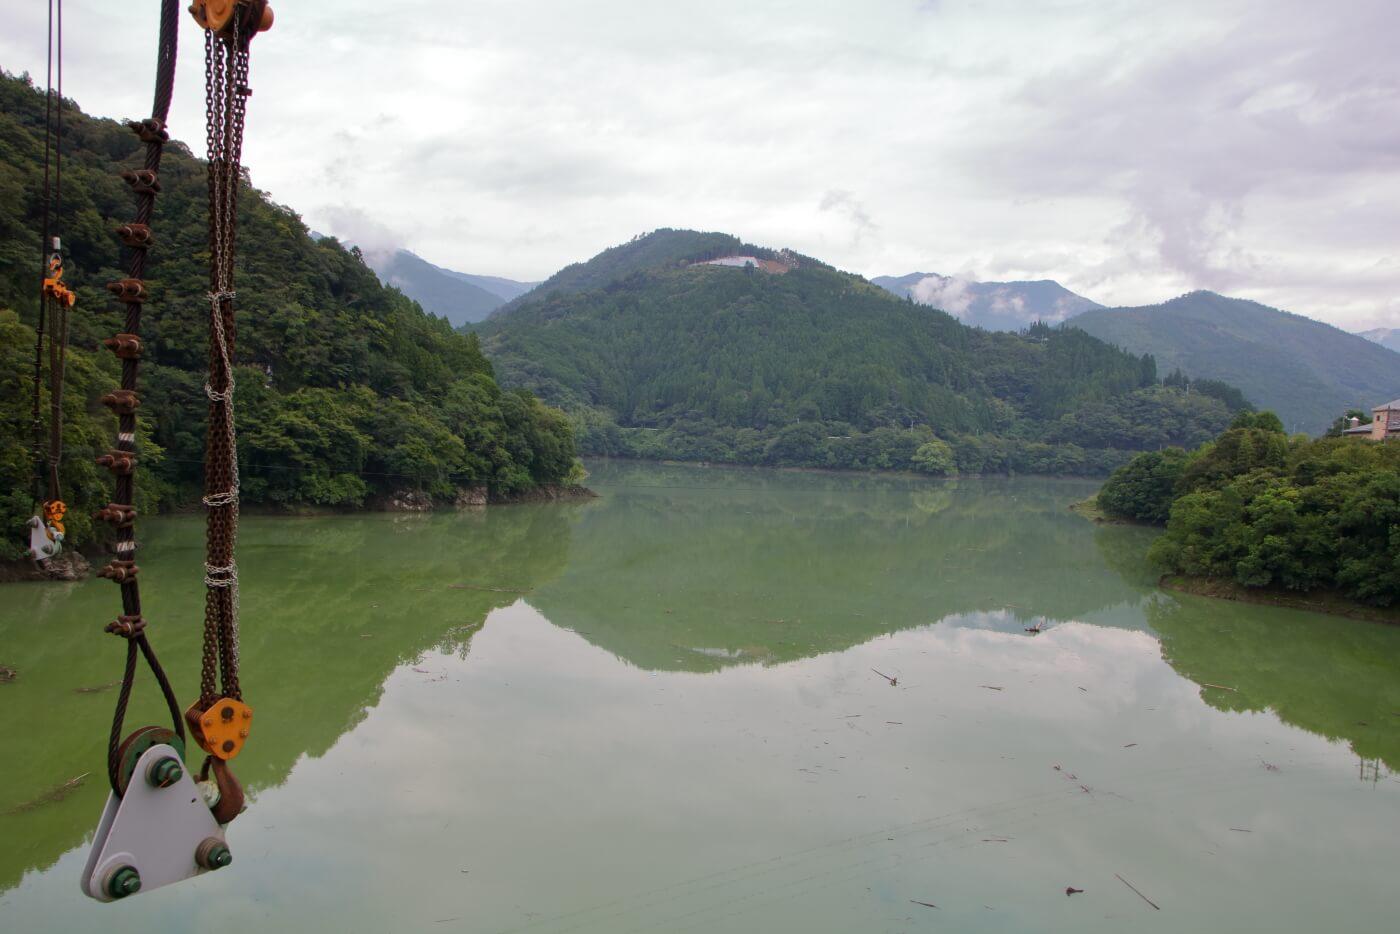 高知県香美市物部町で建設中の大栃橋から見える北側のダム湖